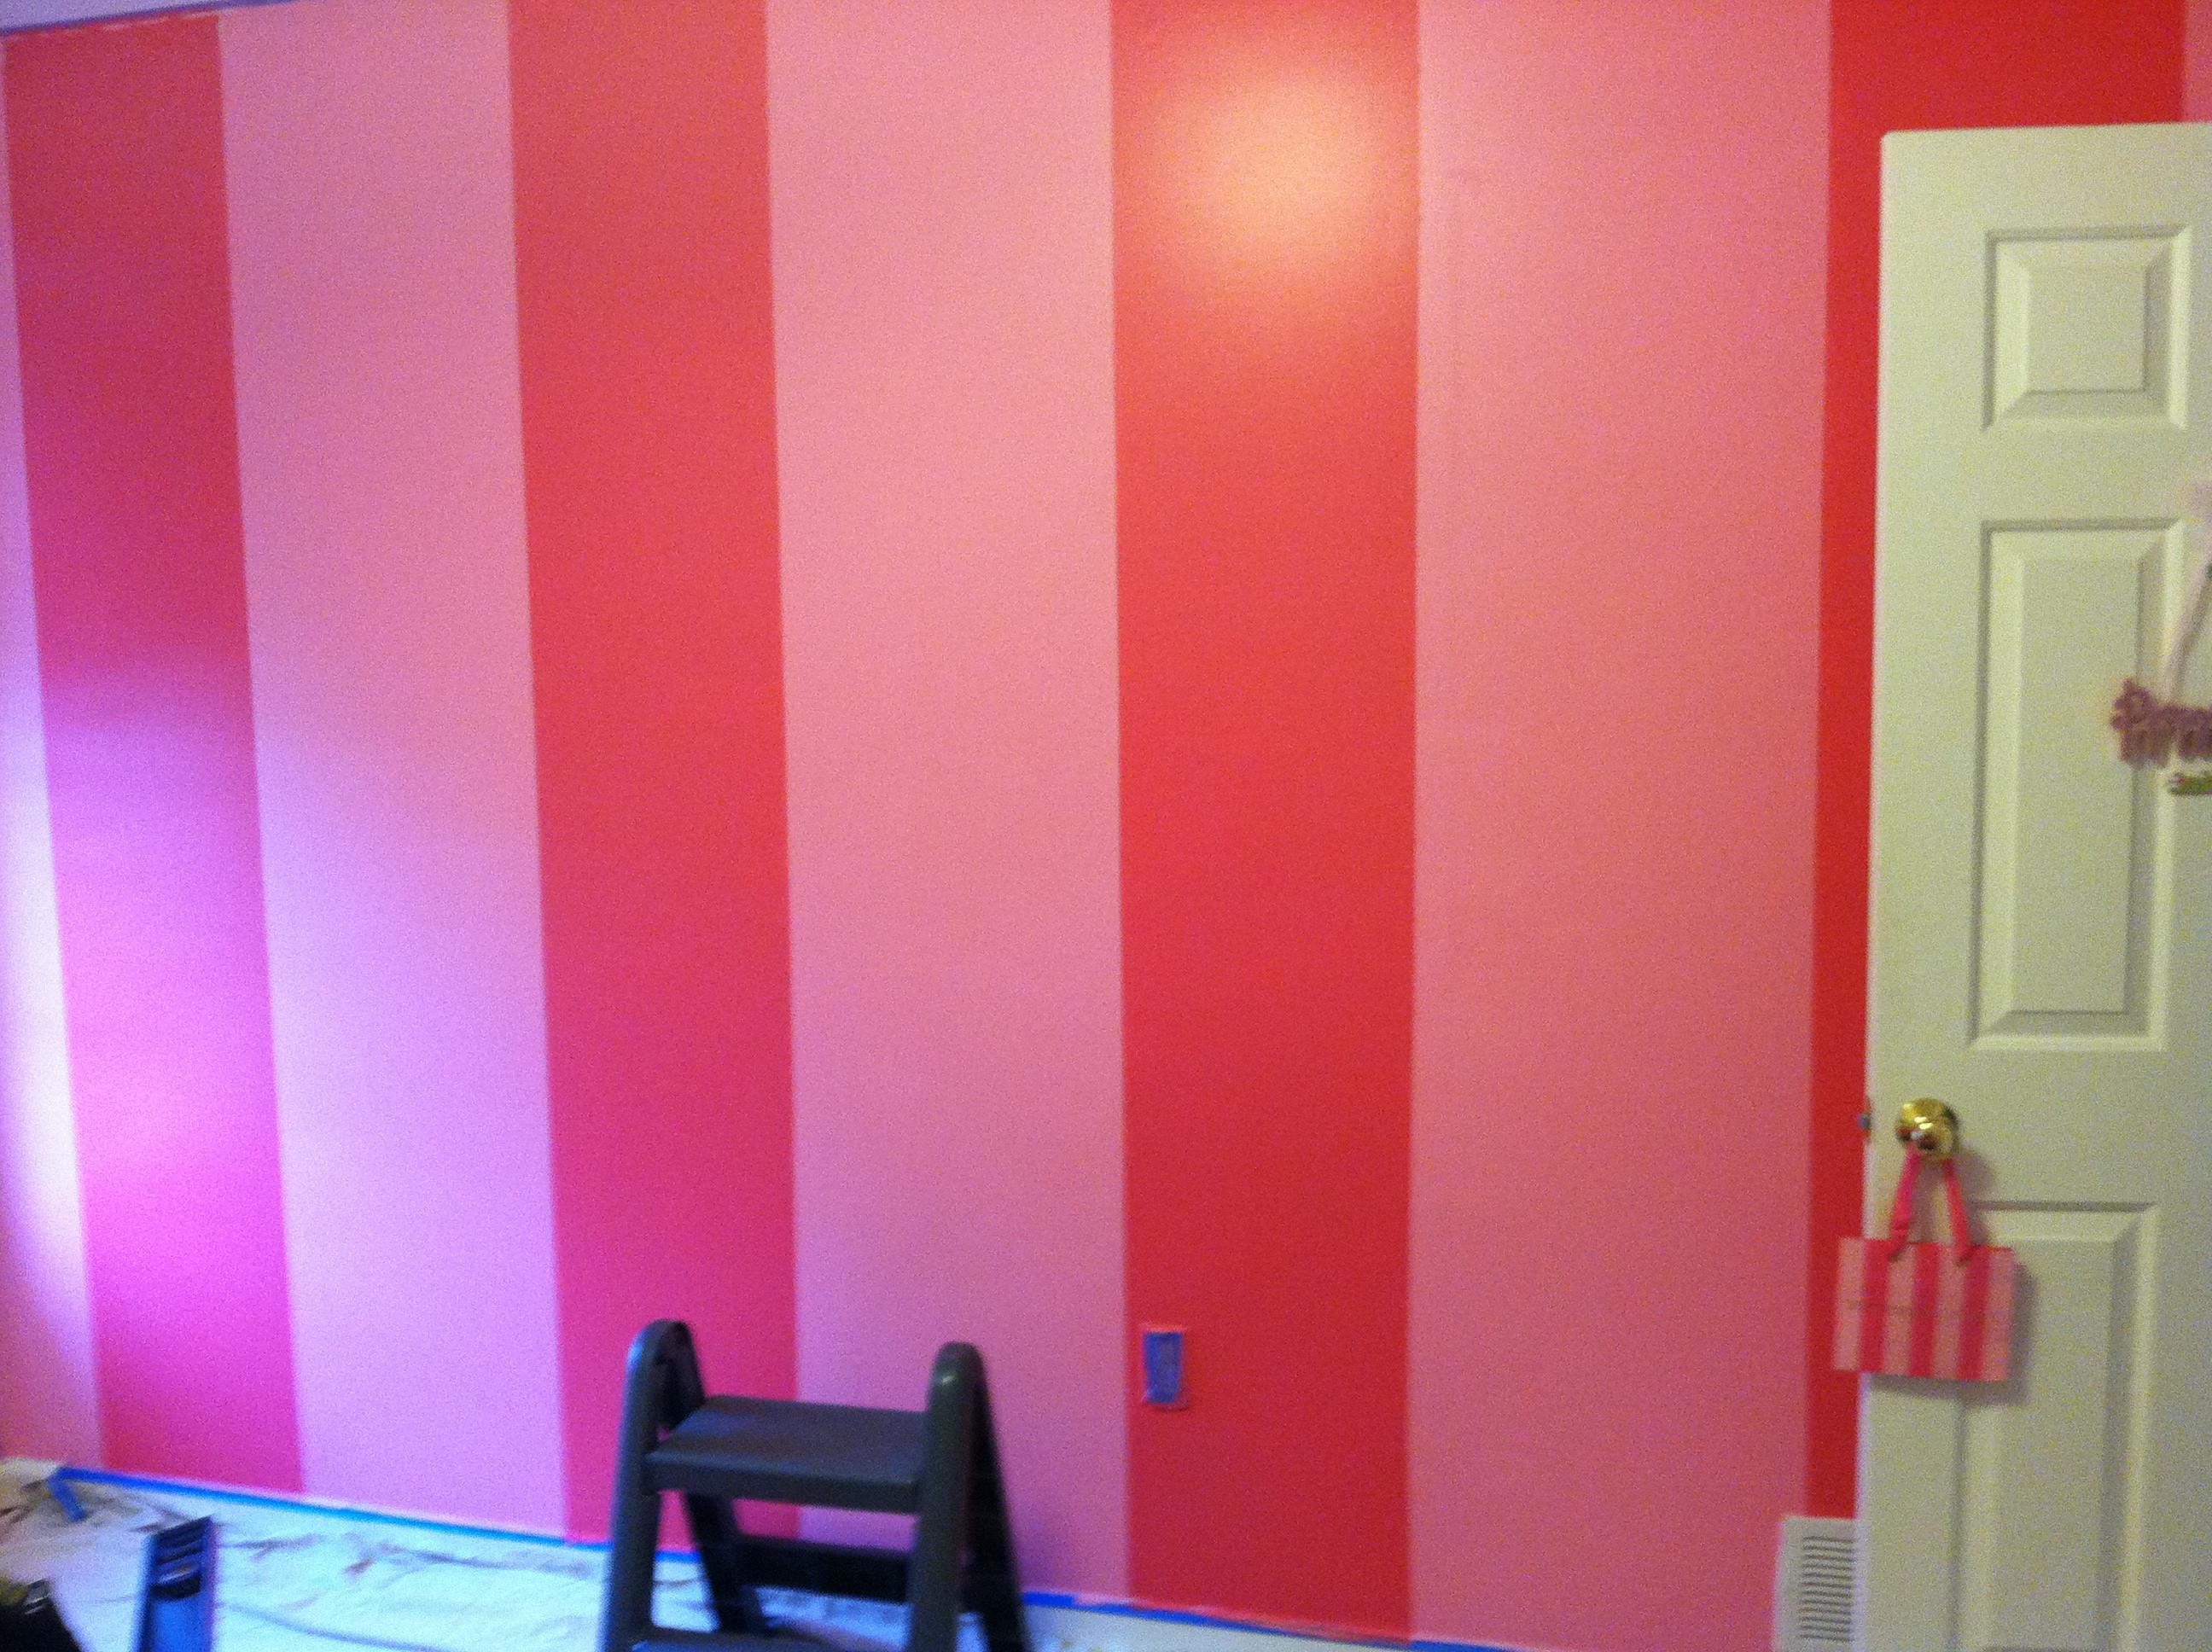 wallpaper victoria secret (57+ images)